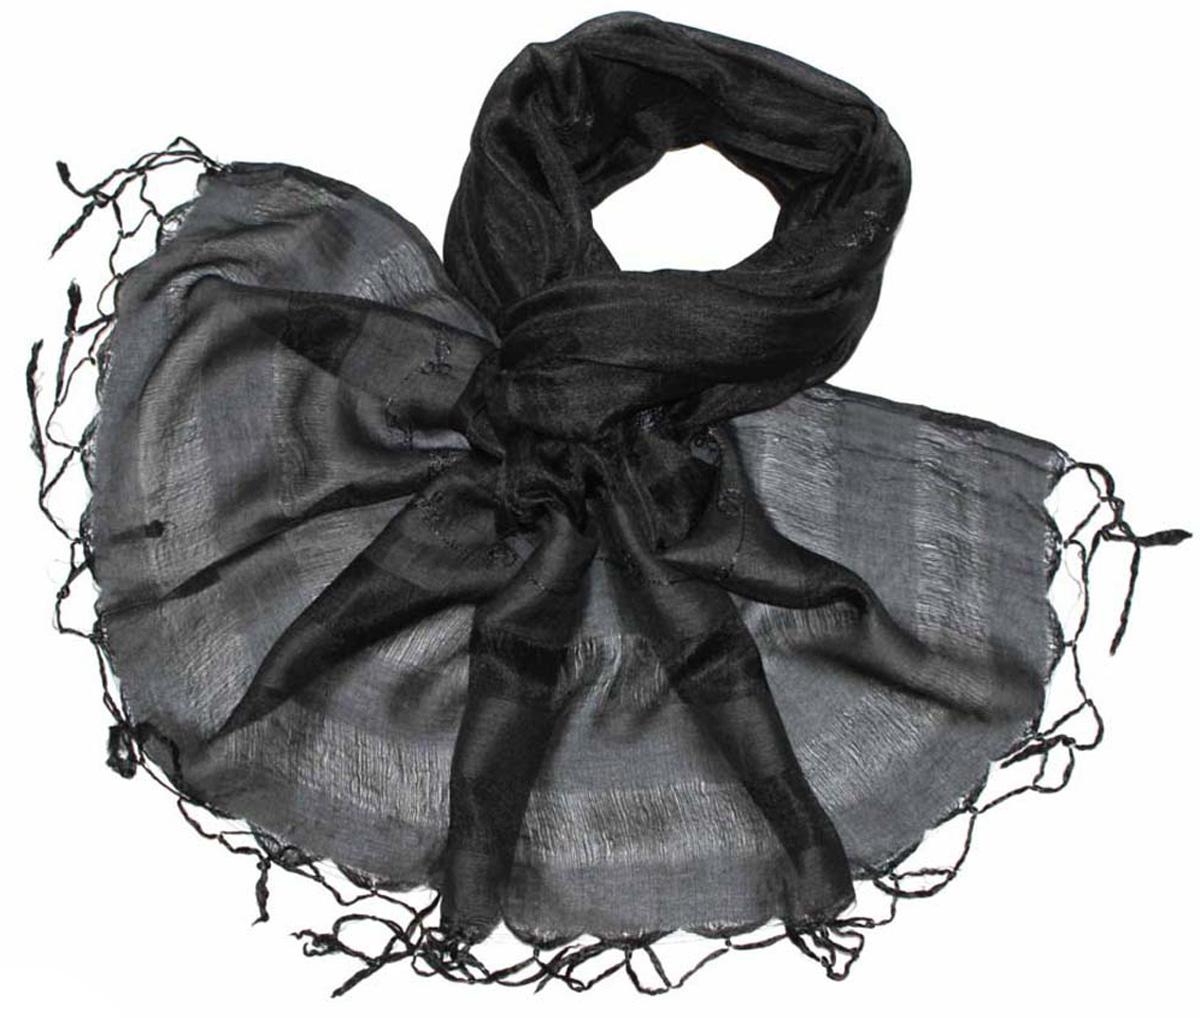 Шарф женский Ethnica, цвет: черный, серый. 916225. Размер 55 см х 180 см916225Стильный шарф привлекательной расцветки с кисточками по краю изготовлен из 100% шелка. Он удачно дополнит ваш гардероб и поможет создать новый повседневный образ, добавить в него яркие краски. Отличный вариант для тех, кто стремится к самовыражению и новизне!